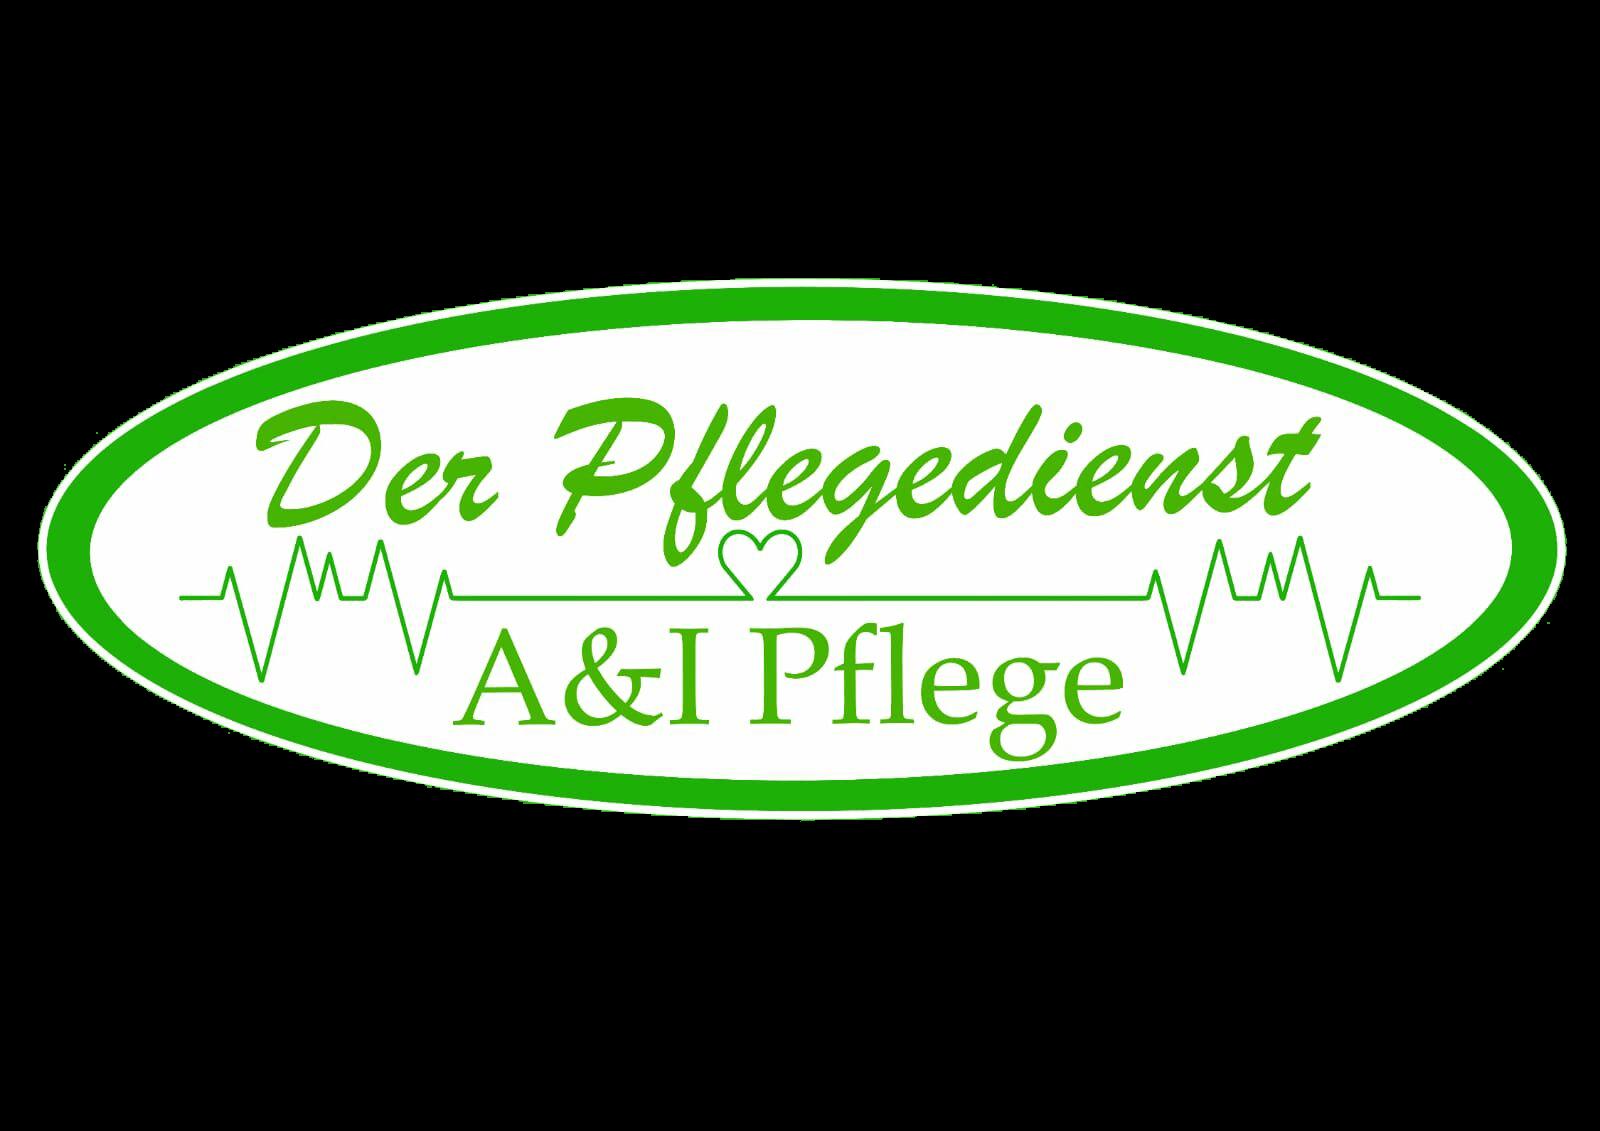 pflegedienst-waf.de